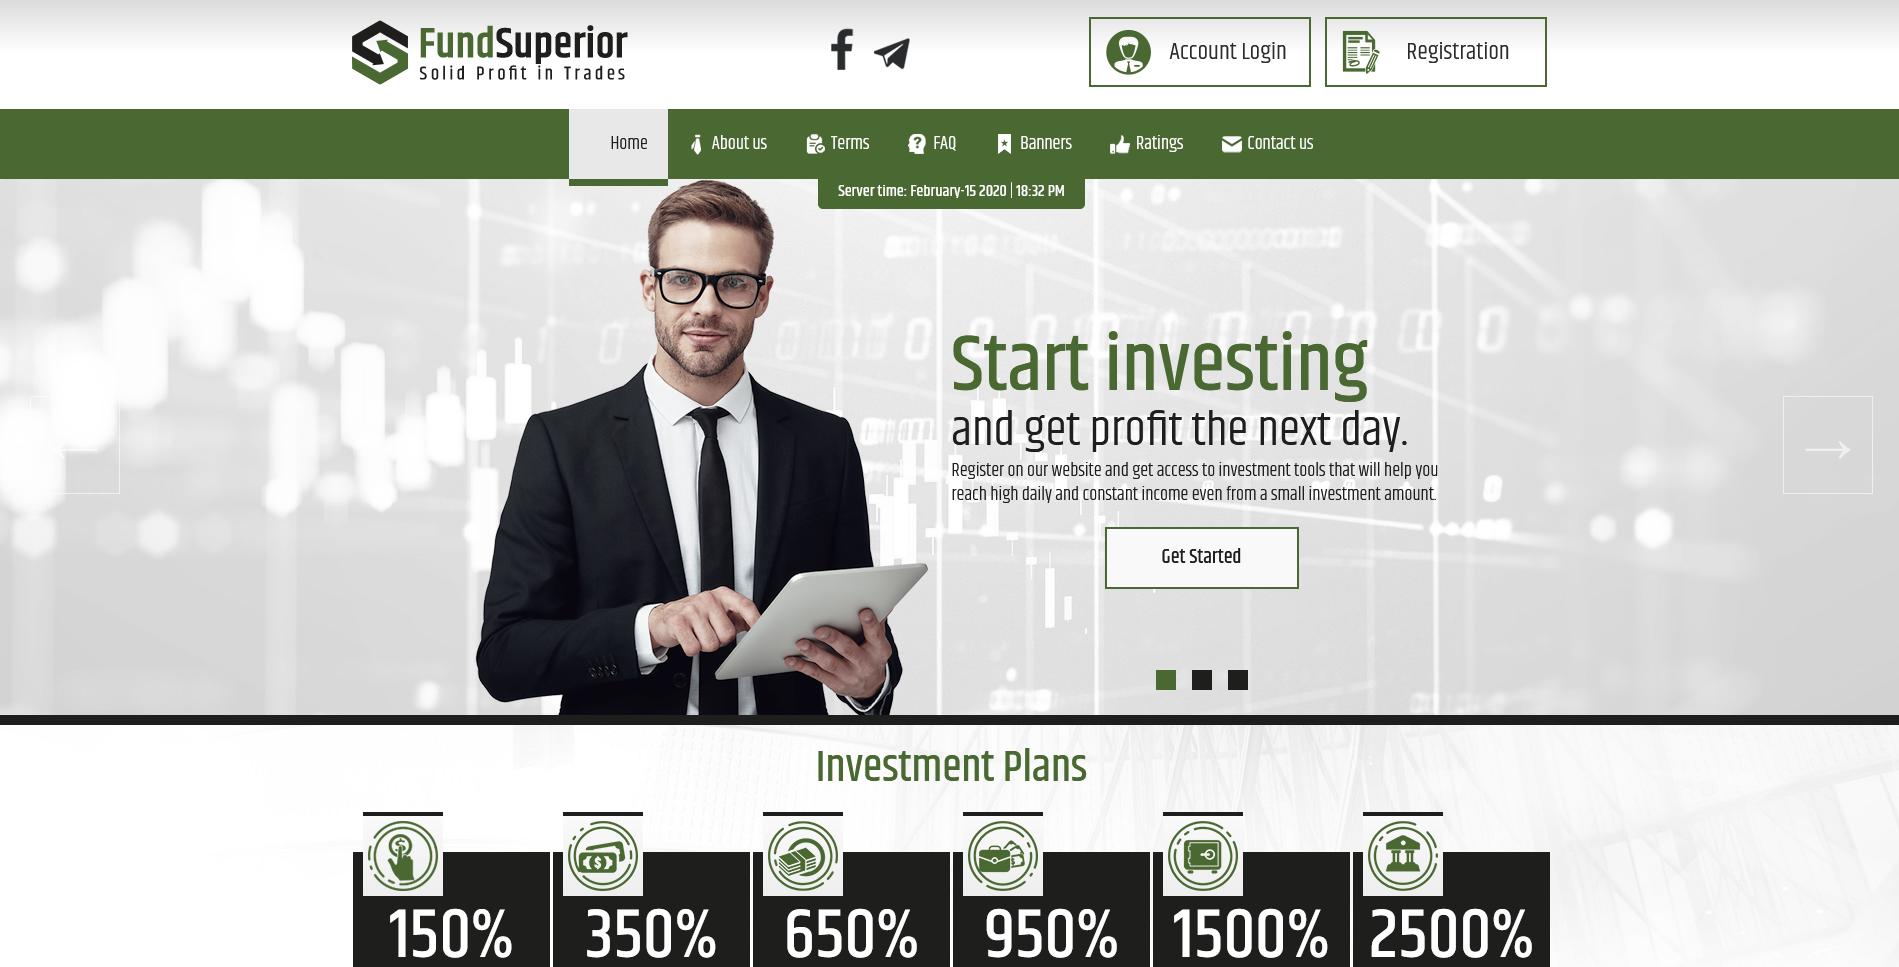 FundSuperior - fundsuperior.com